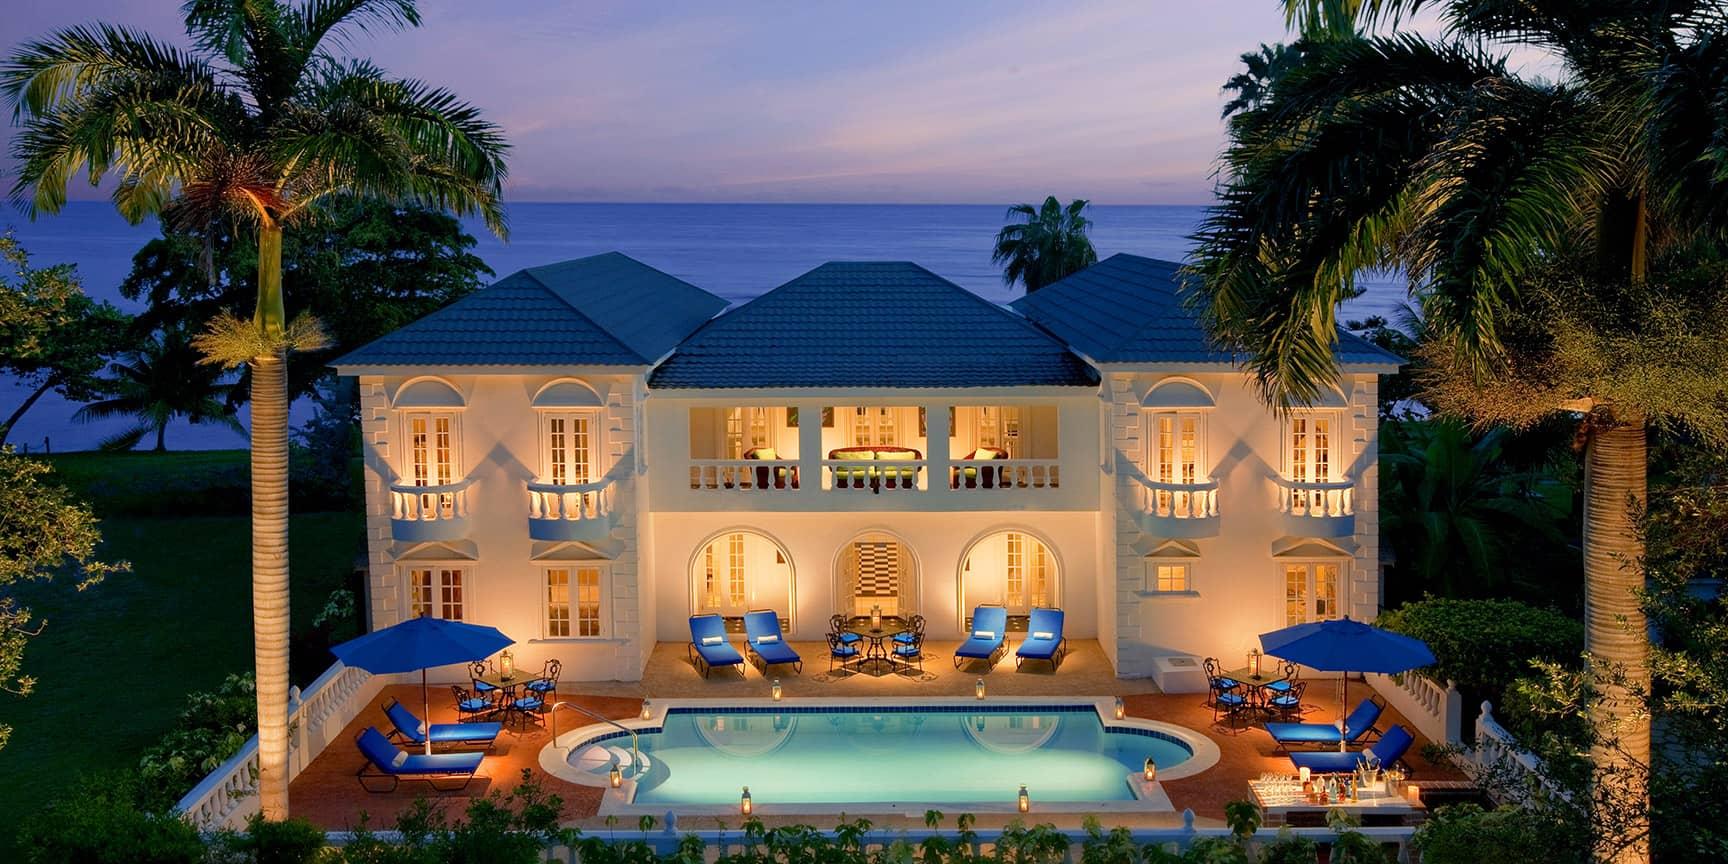 accommodation_villas11.jpg